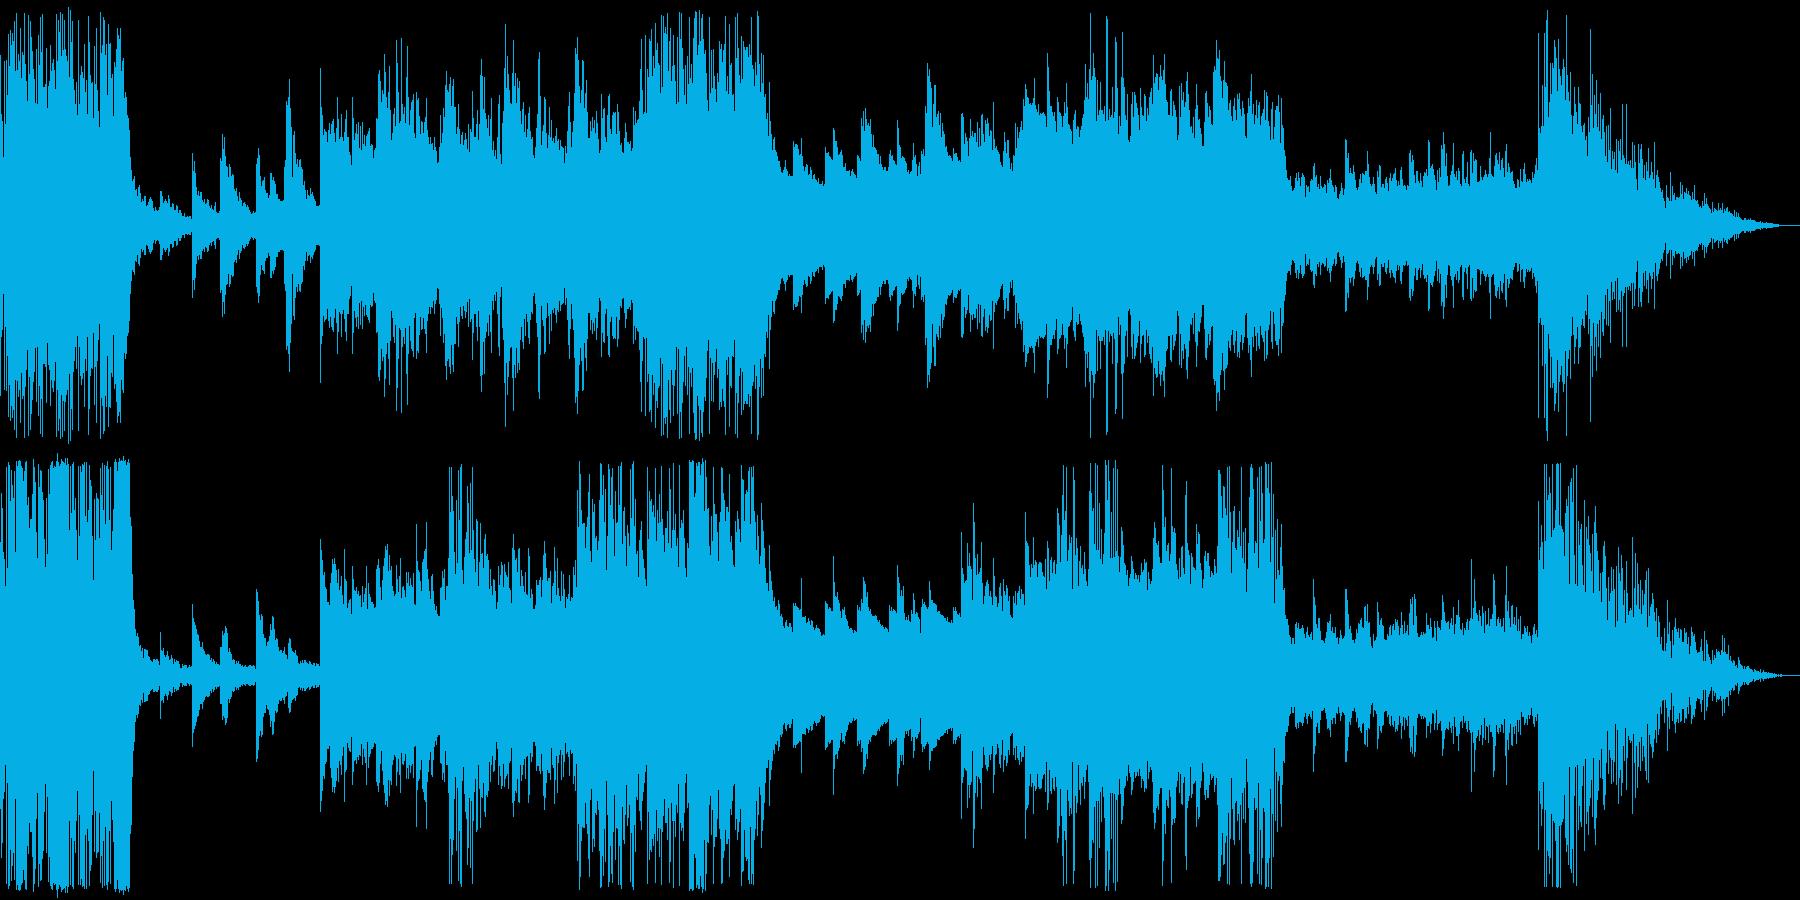 クール&ドライな雰囲気のエレクトロニカの再生済みの波形